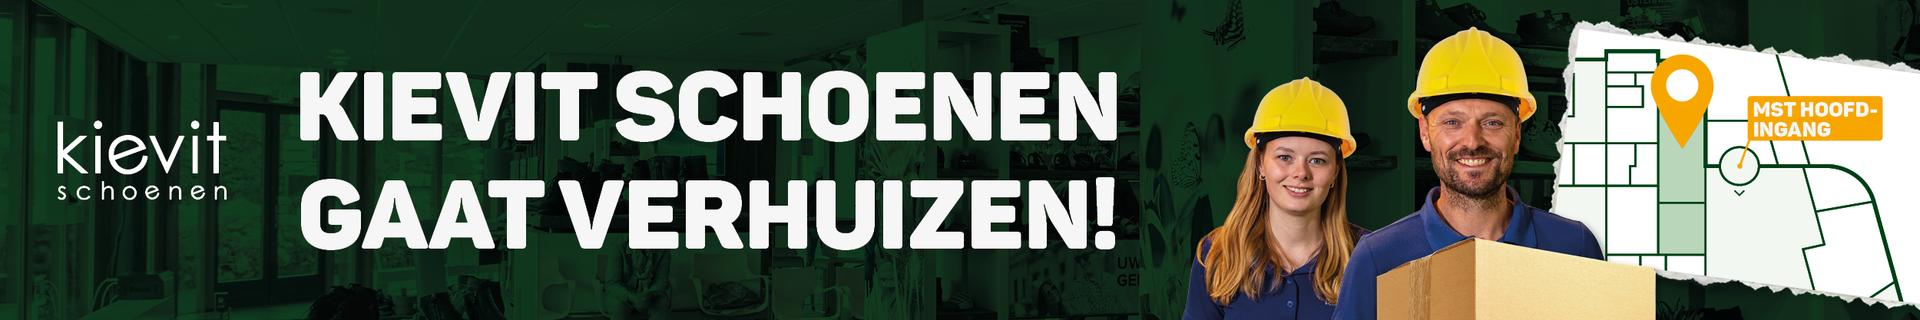 Kievit Schoenen Enschede gaat verhuizen.